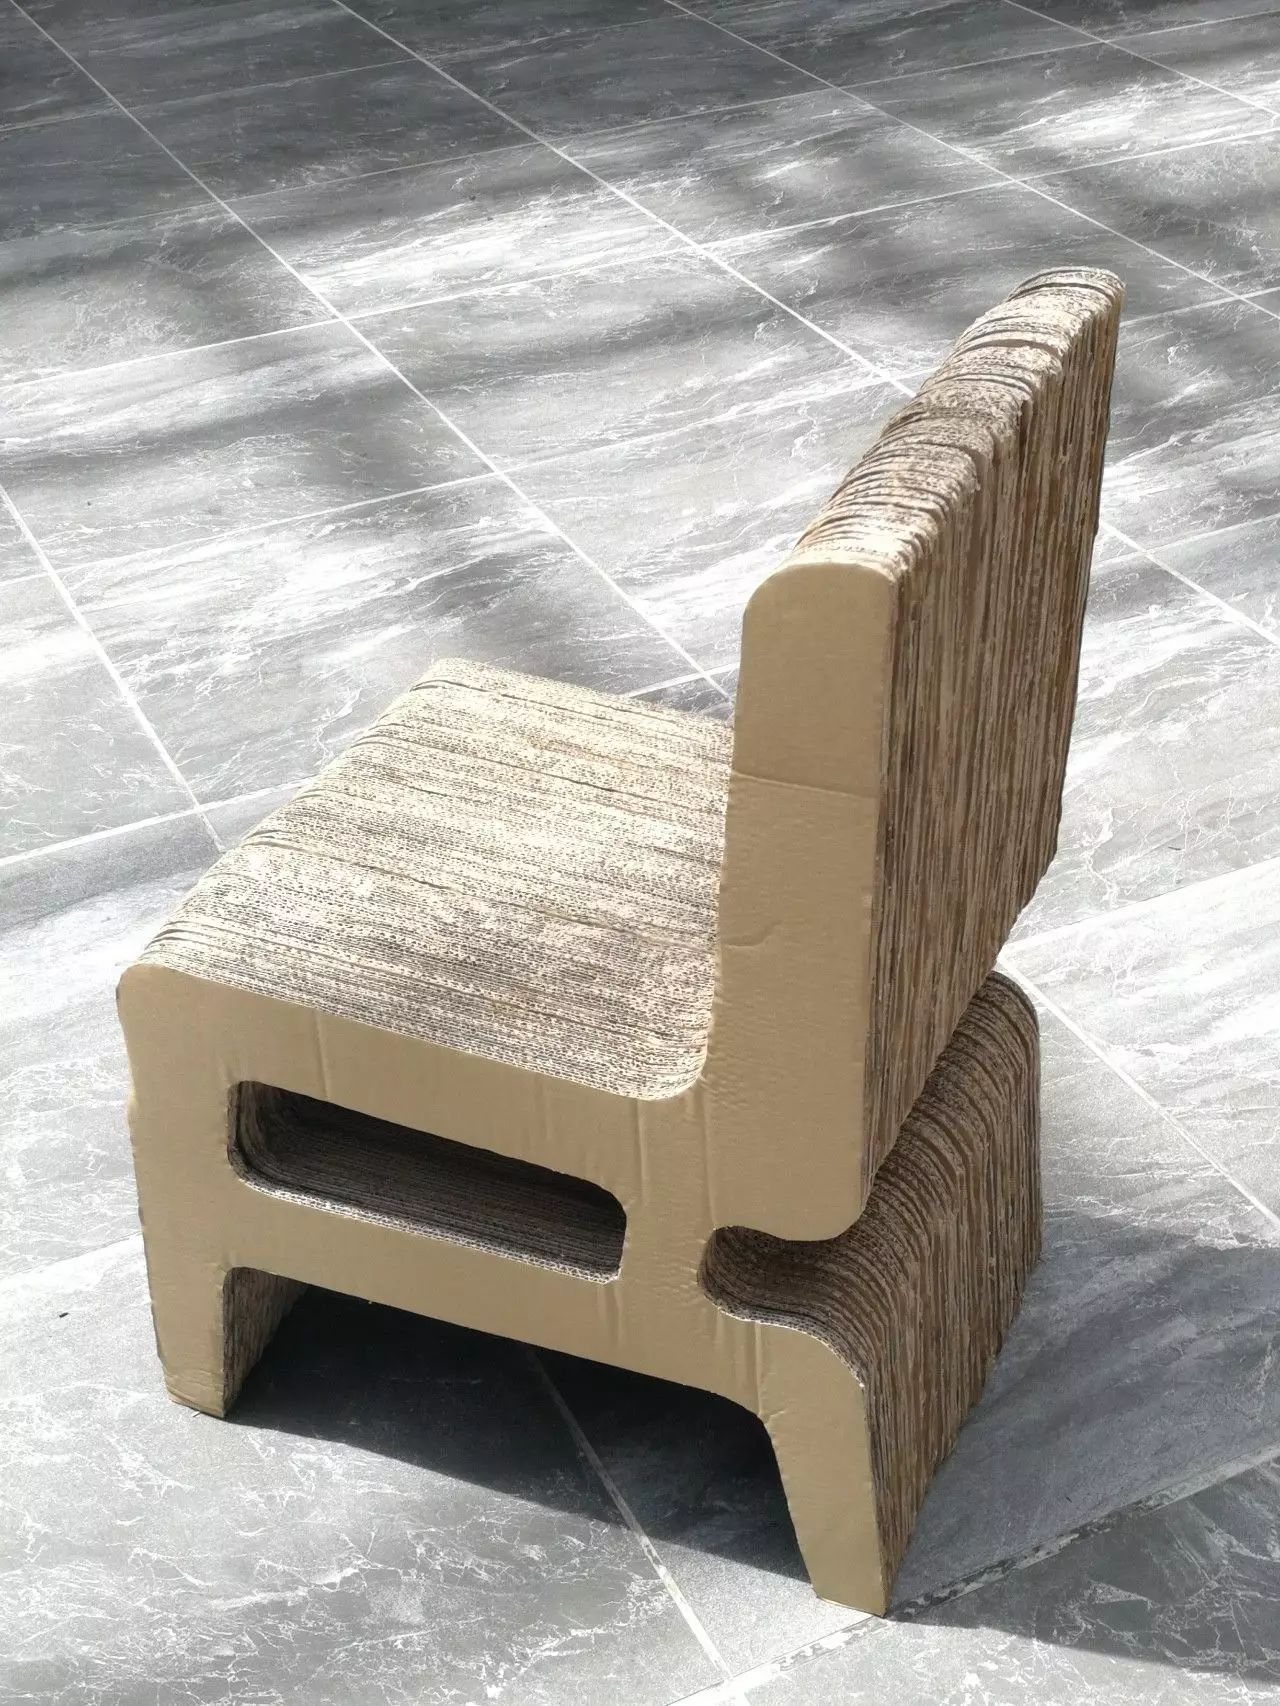 湖旧家具回收_文化 正文  利用瓦楞纸制作而成的家具,不仅100%可以回收,关键其耐用